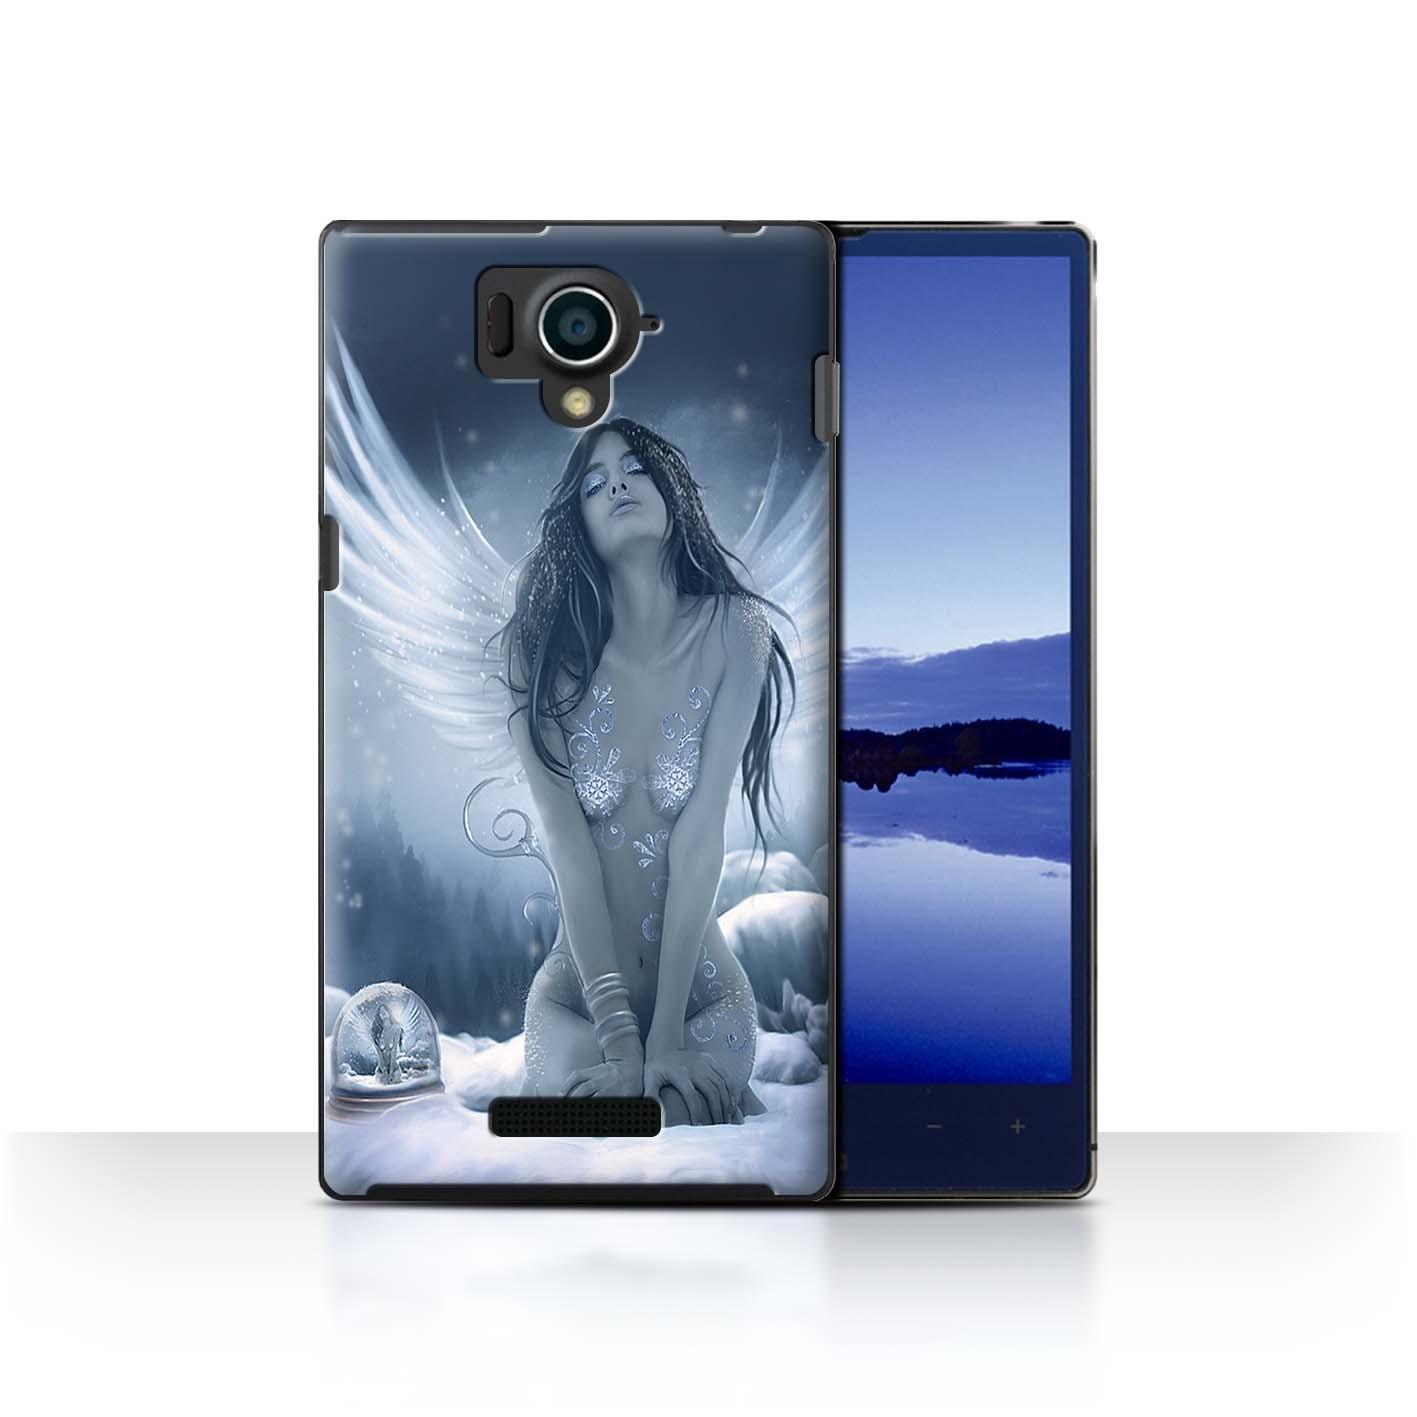 Official-Elena-Dudina-Case-for-Sharp-Aquos-Xx-304SH-Fantasy-Angel